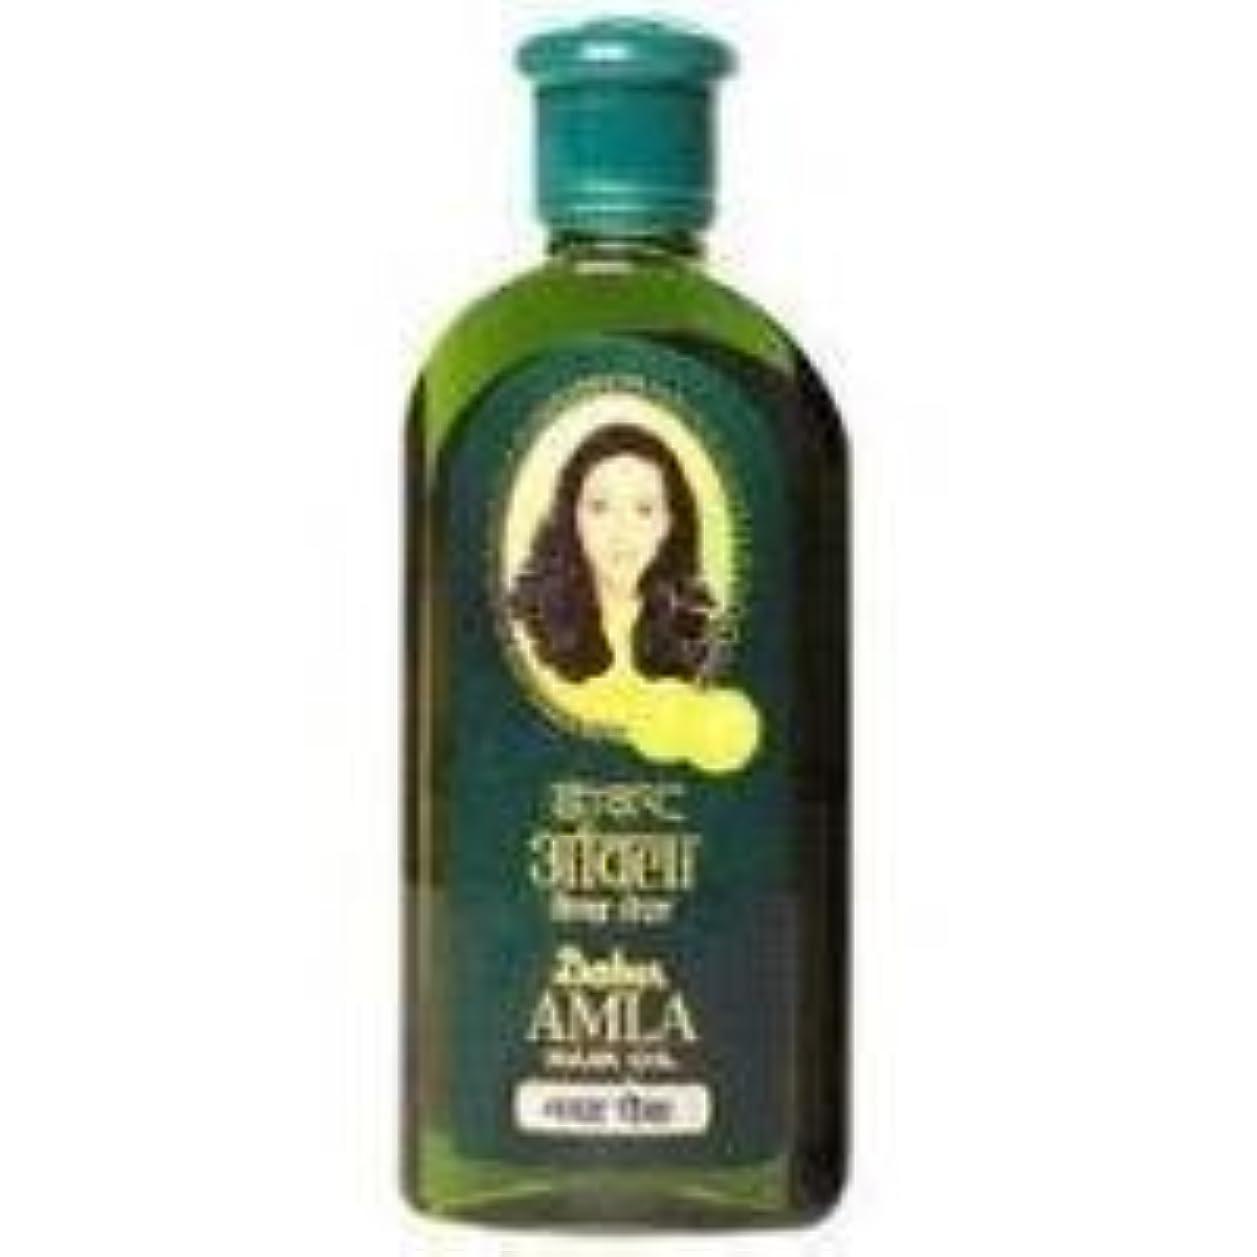 ベルトプラカード取り組むDabur Amla Hair Oil, 500 ml Bottle by Dabur [並行輸入品]